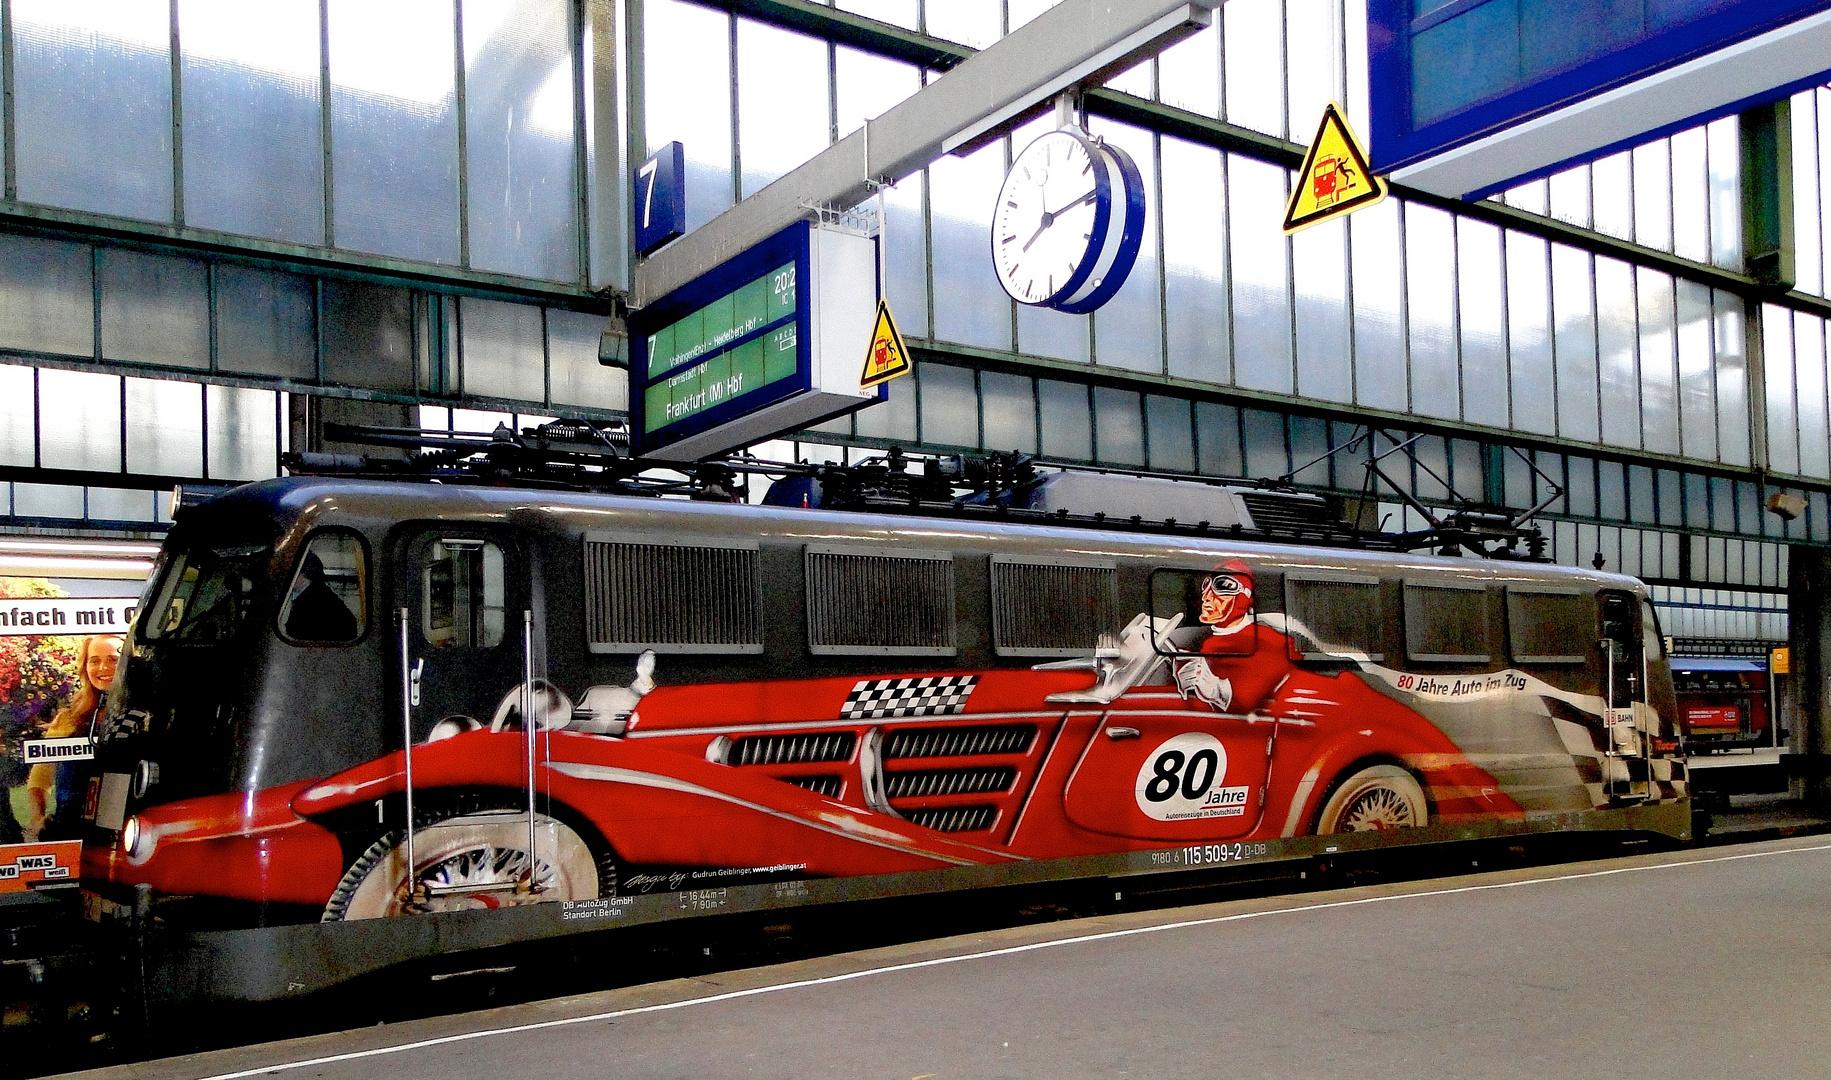 80 Jahre Autoreisezüge in Deutschland...